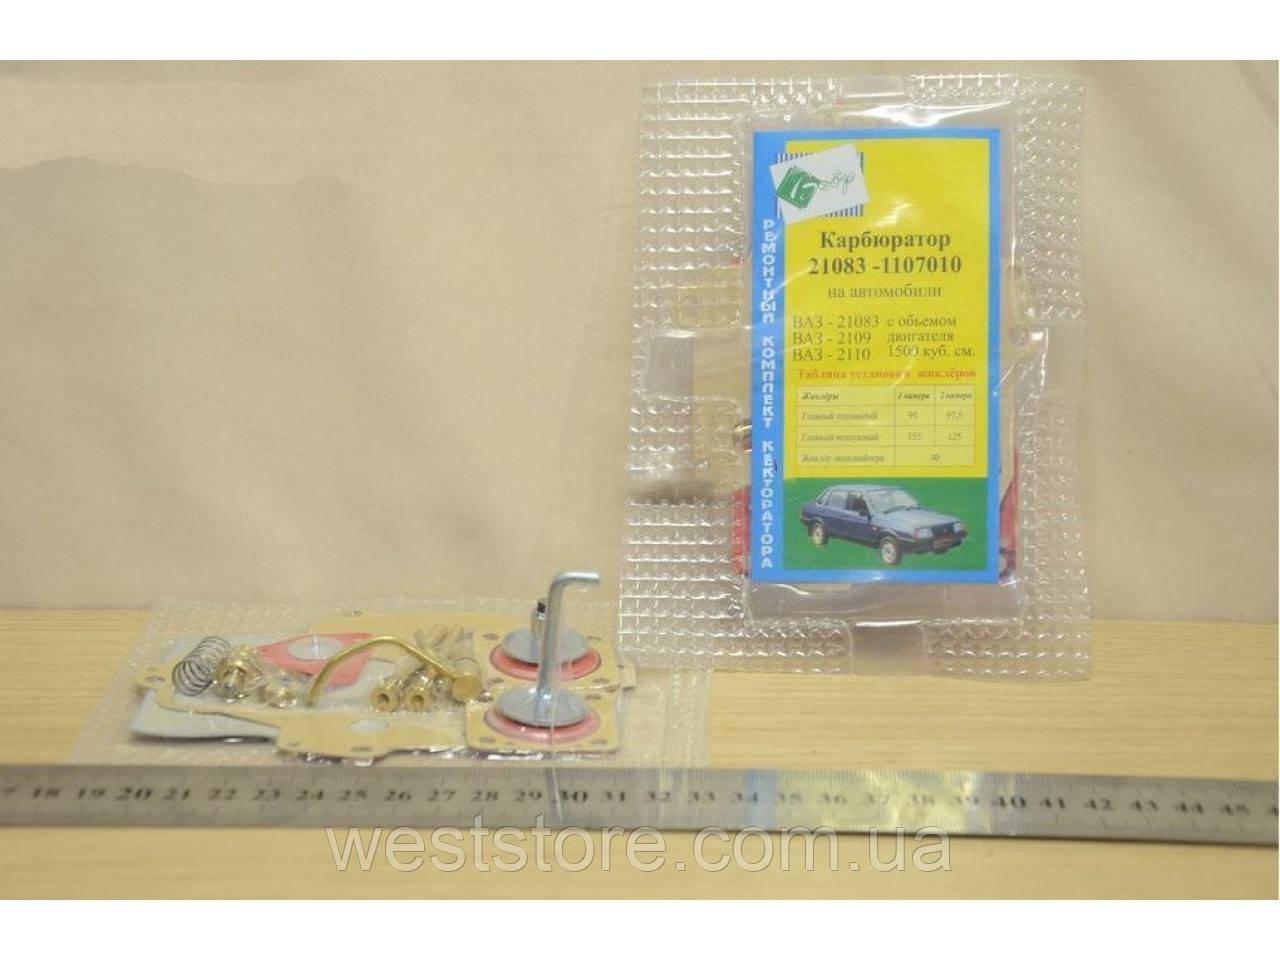 Ремкомплект карбюратора на ВАЗ 2108,2109 (21083),(1500) 1.5 солекс Solex